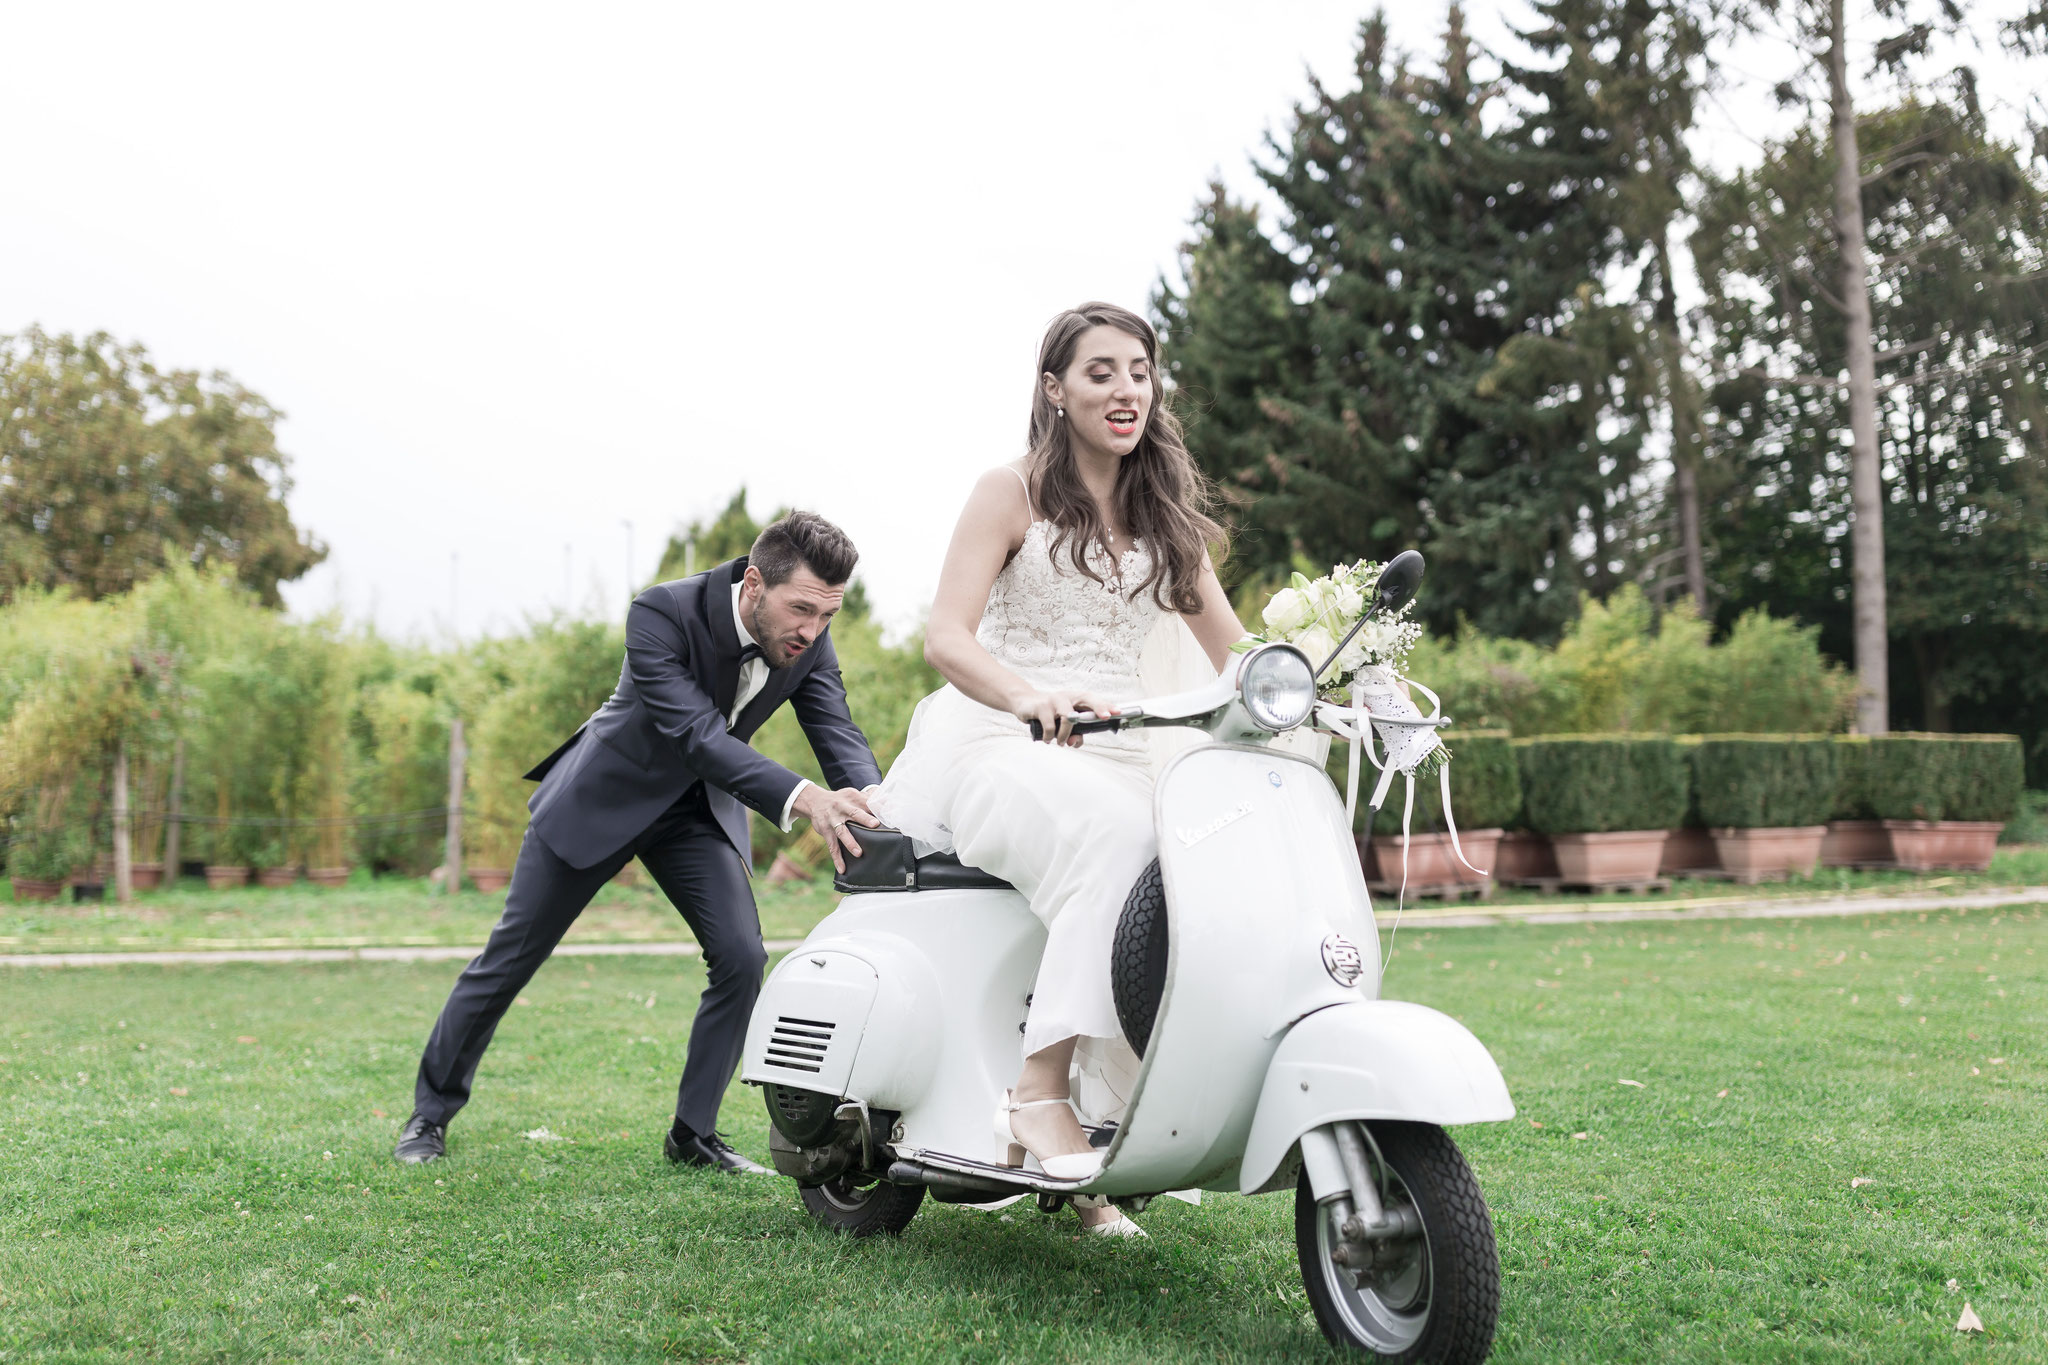 Nachgestellte Szenen mit dem Brautpaar auf einem Retro Roller